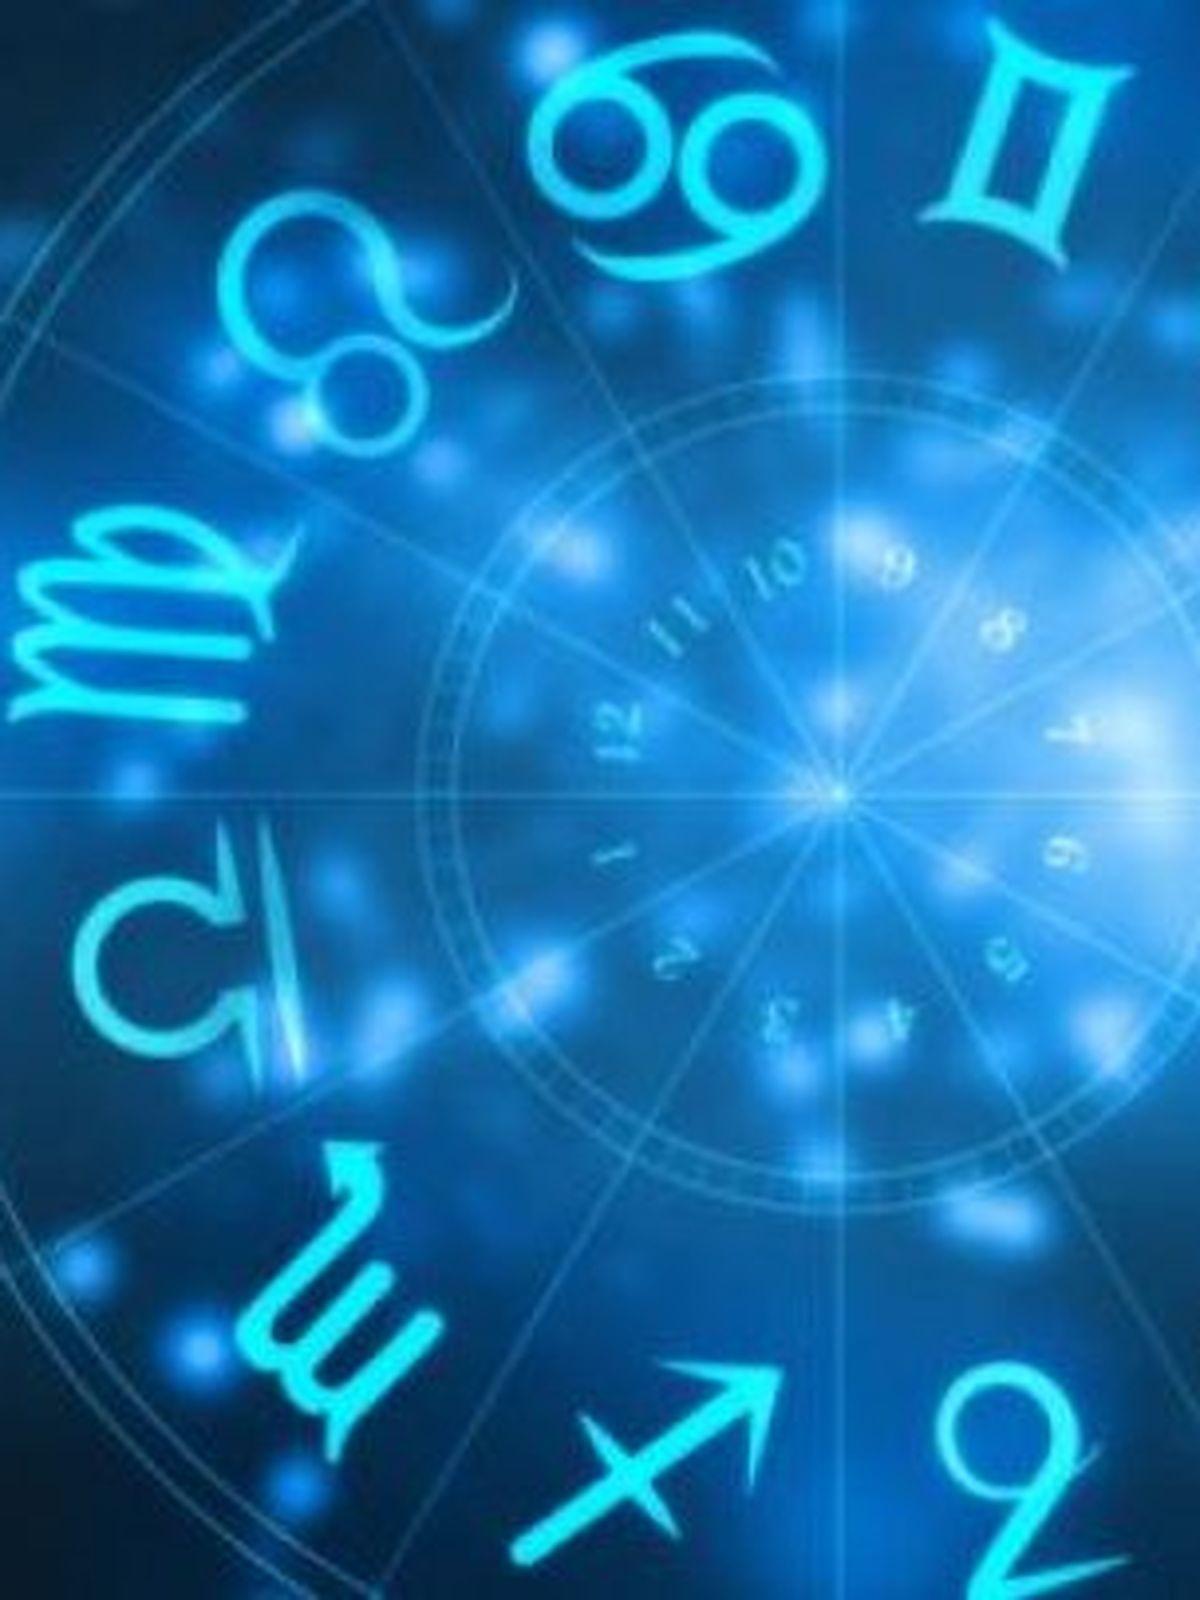 Horoscop- 8 Septembrie. Zodia trădată de cei dragi  |Horoscop 16 Septembrie 2020